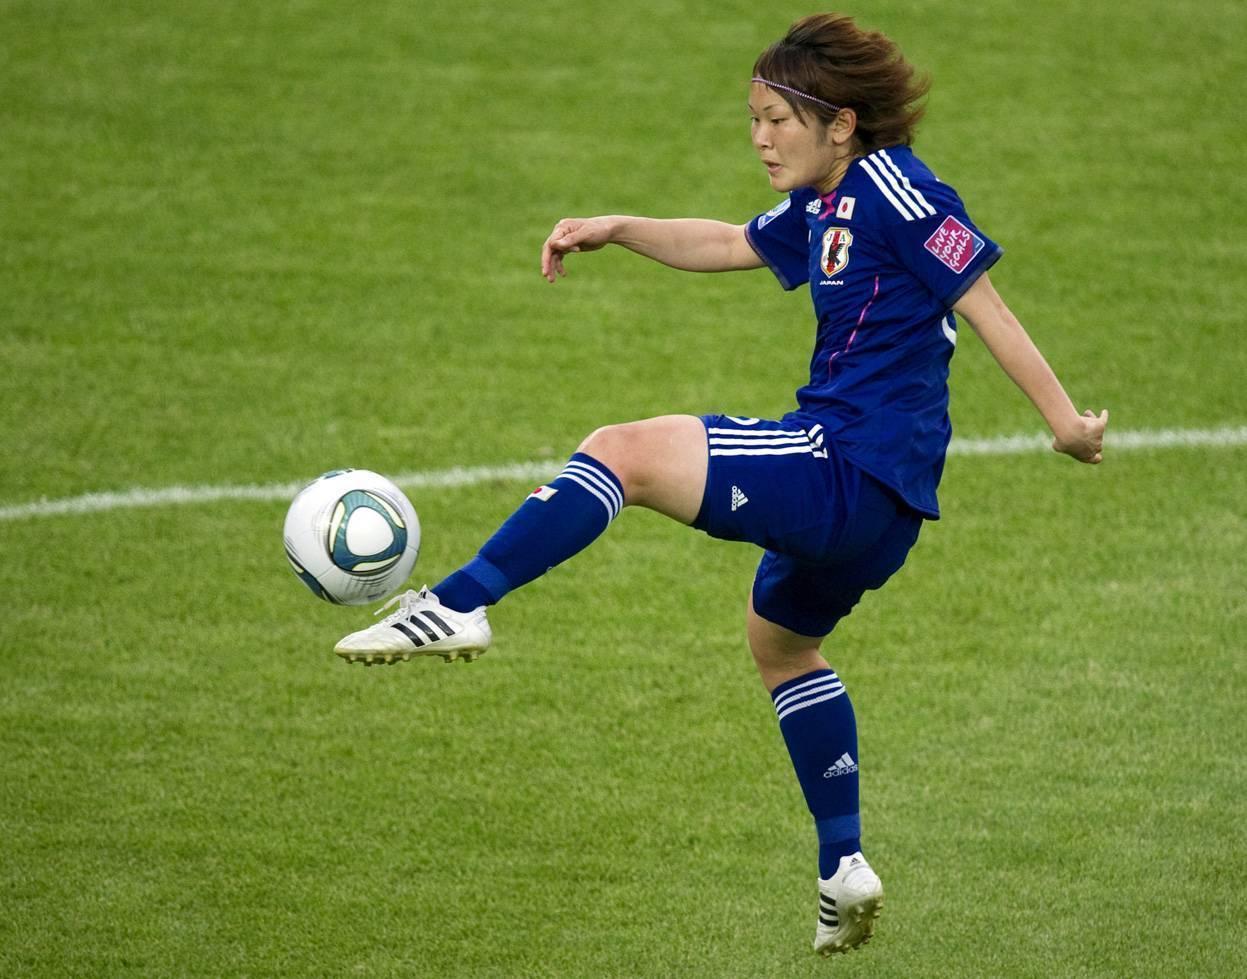 Как правильно бить по мячу в футболе?